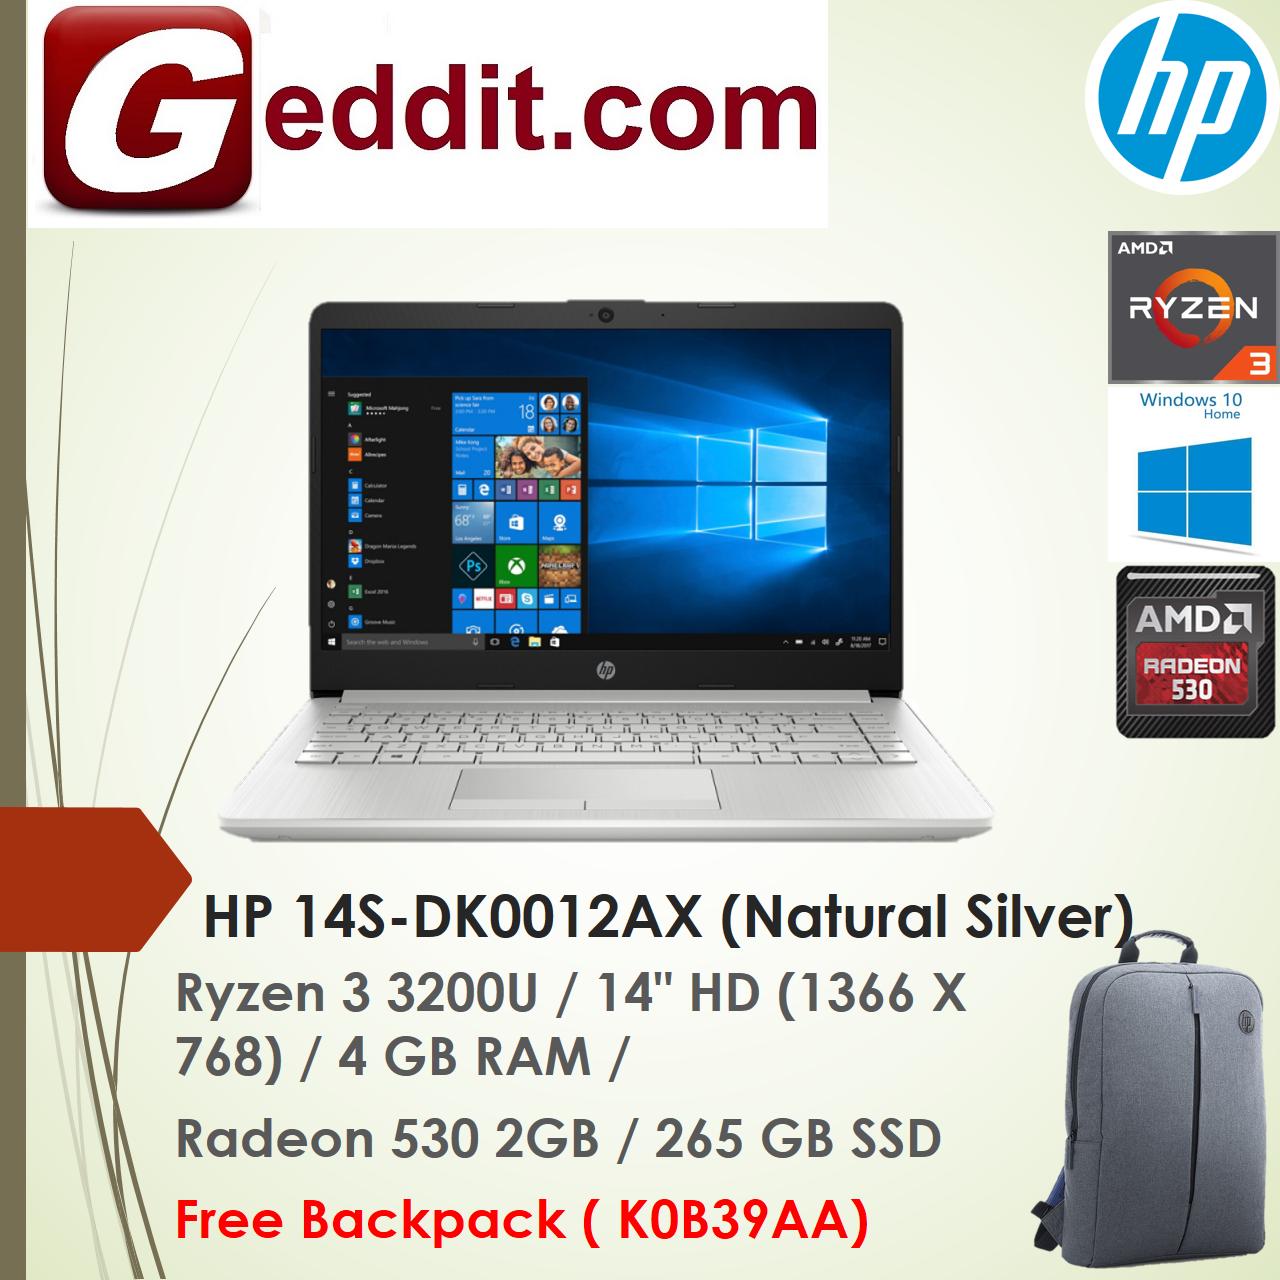 HP ESSENTIAL 14S-DK0012AX / 14S-DK0013AX LAPTOP (RYZEN 3 3200U,4GB,256GB SSD,RADEON 530 2GB,14 HD,WIN10) FREE BACKPACK Malaysia